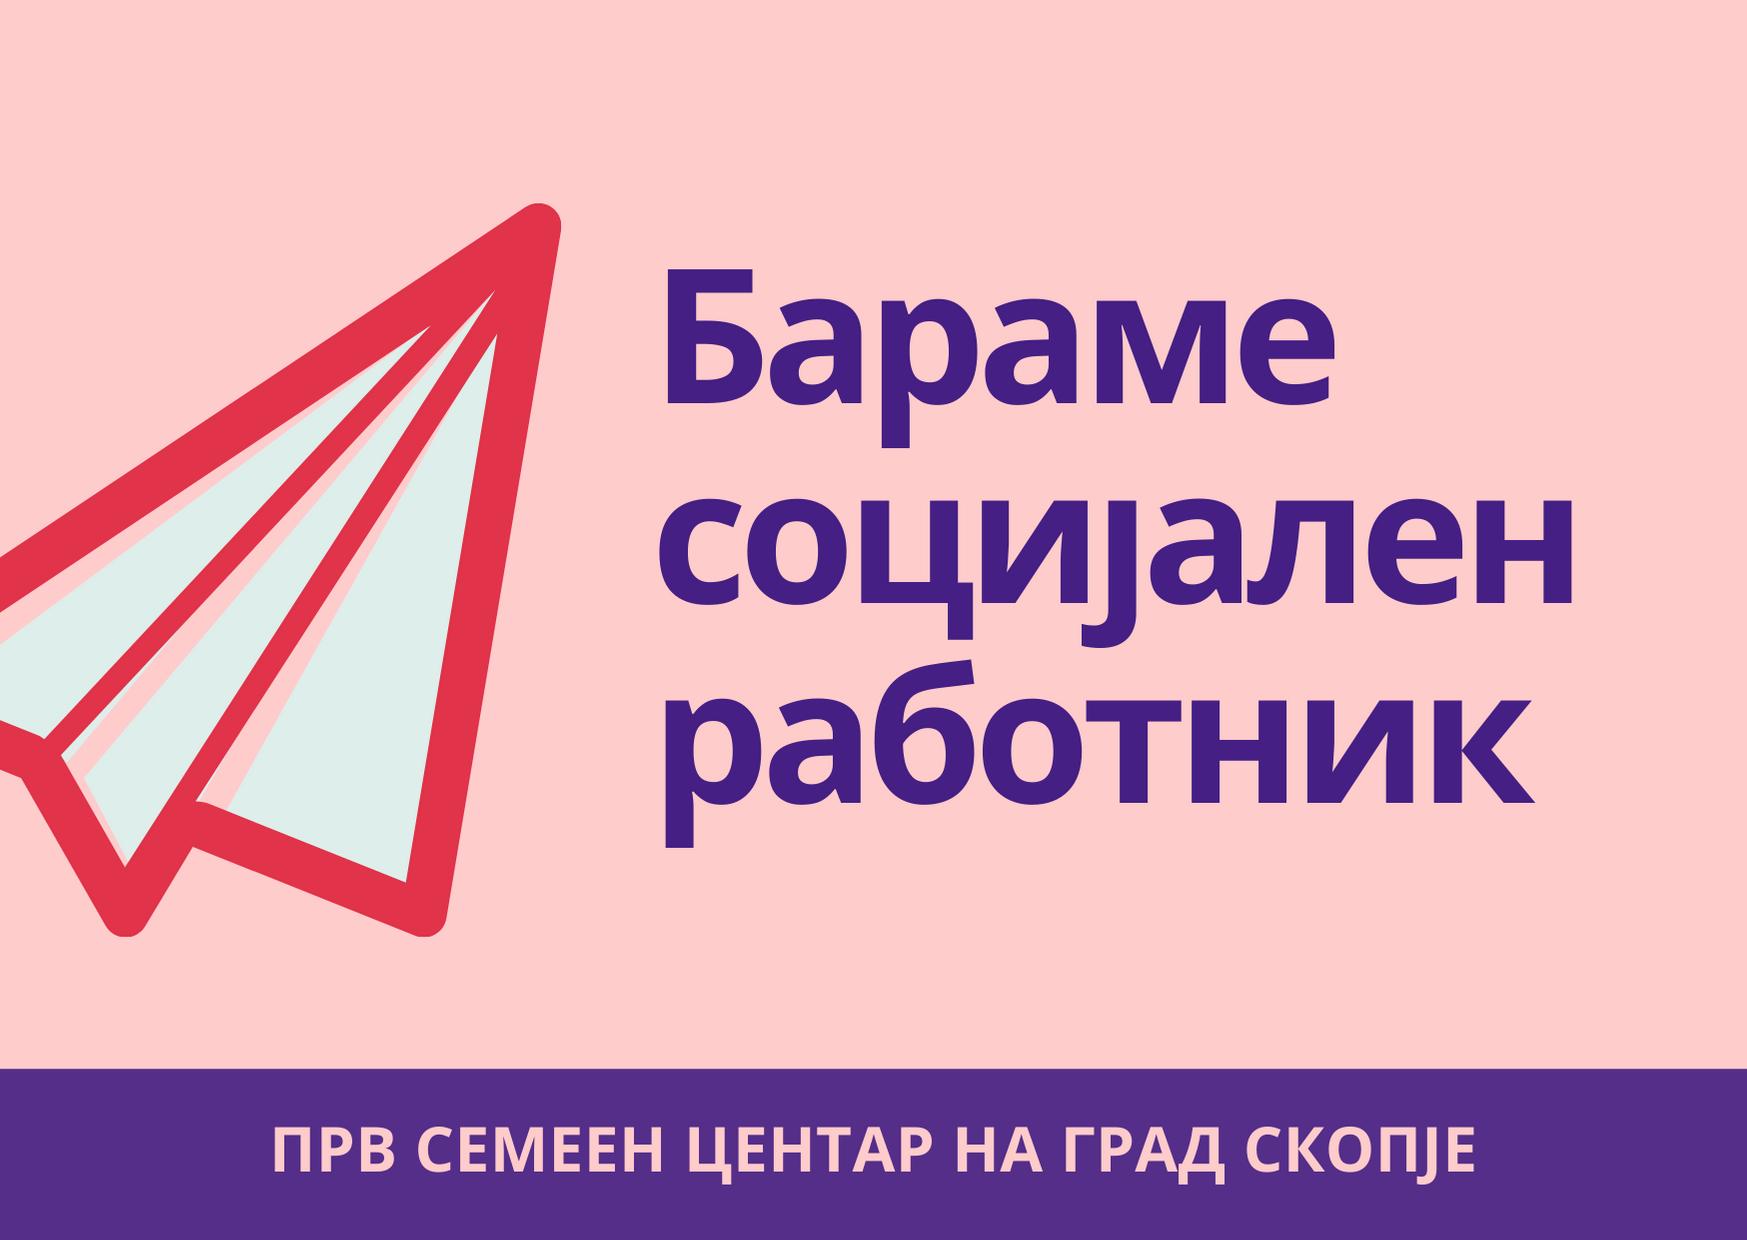 Оглас за вработување на социјален работник во Првиот семеен центар на Град Скопје